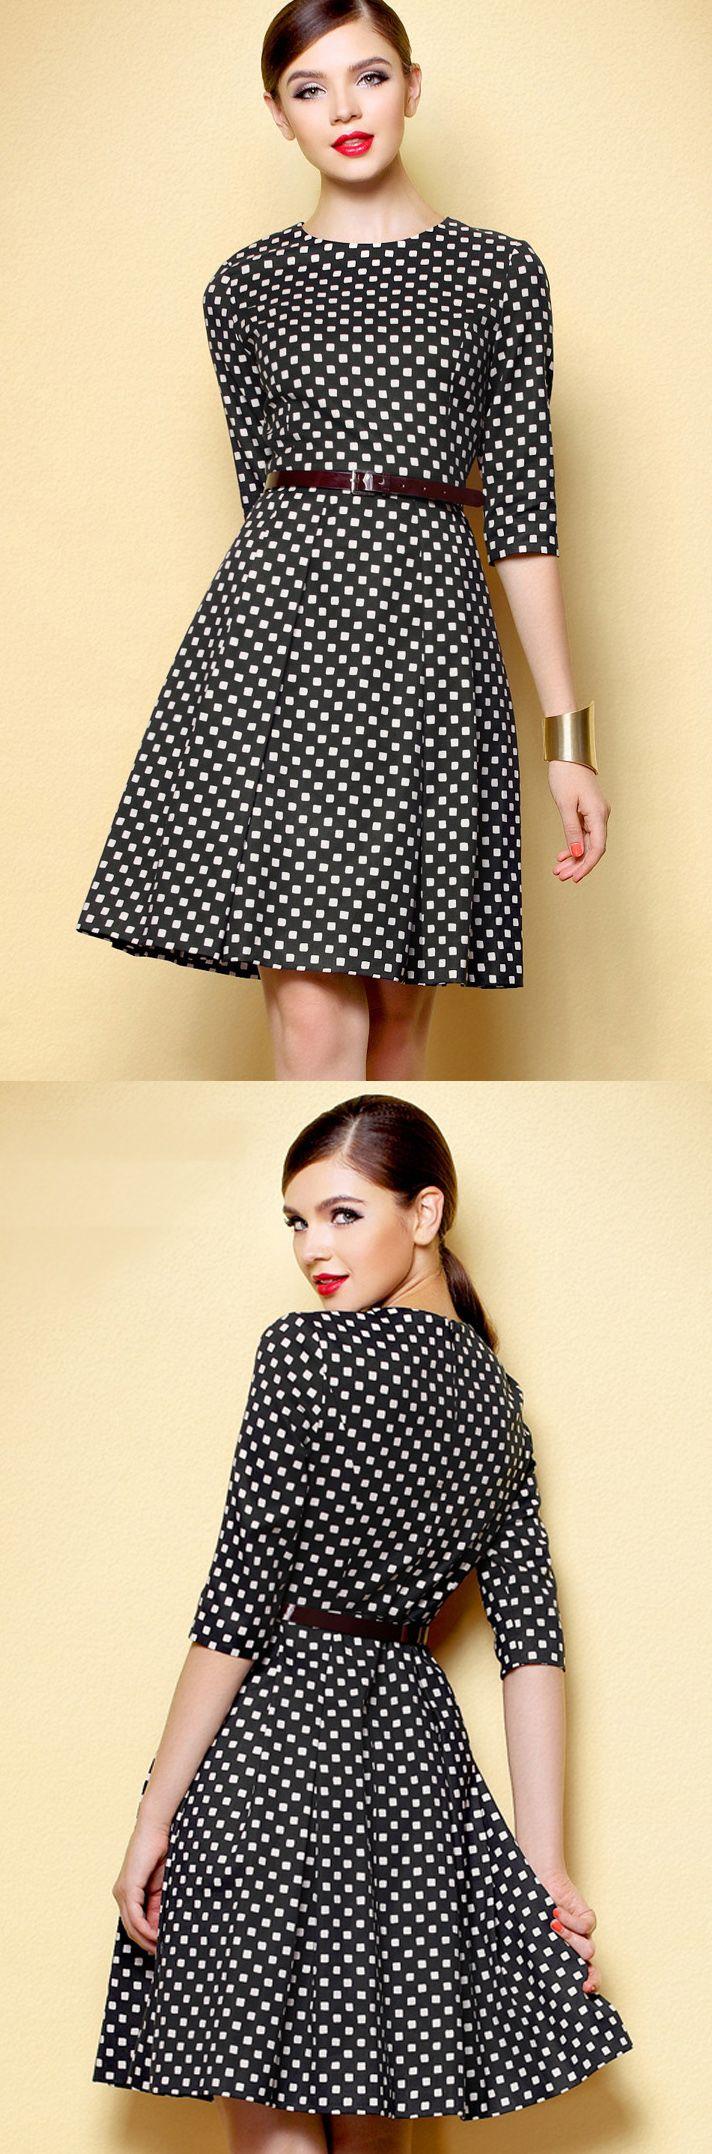 Black White Plaid Dress